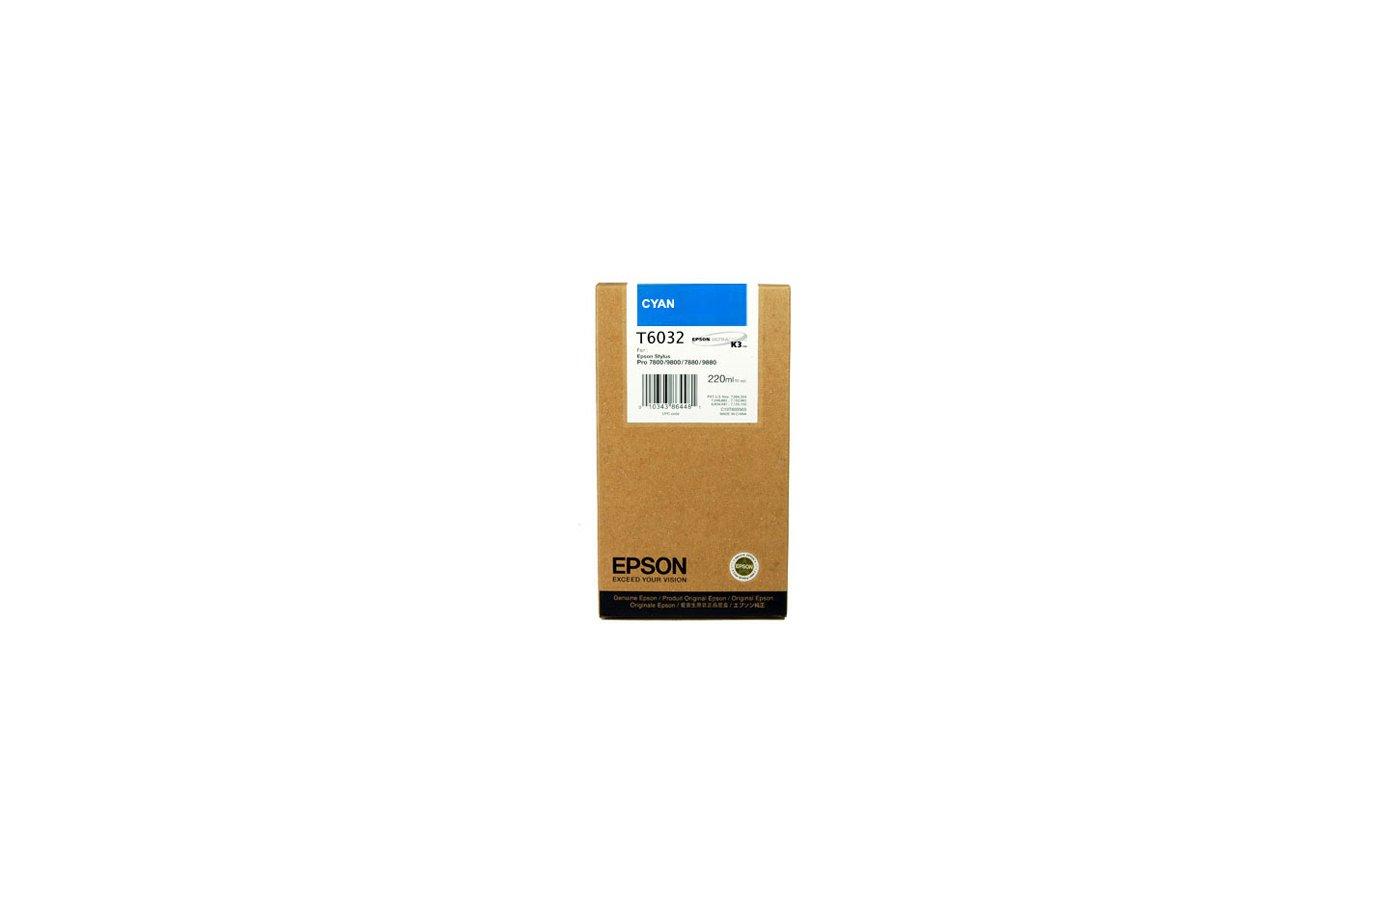 Картридж струйный Epson C13T603200 картридж (Cyan для Stylus PRO 7800/7880/9800/9880 (220ml) (голубой))